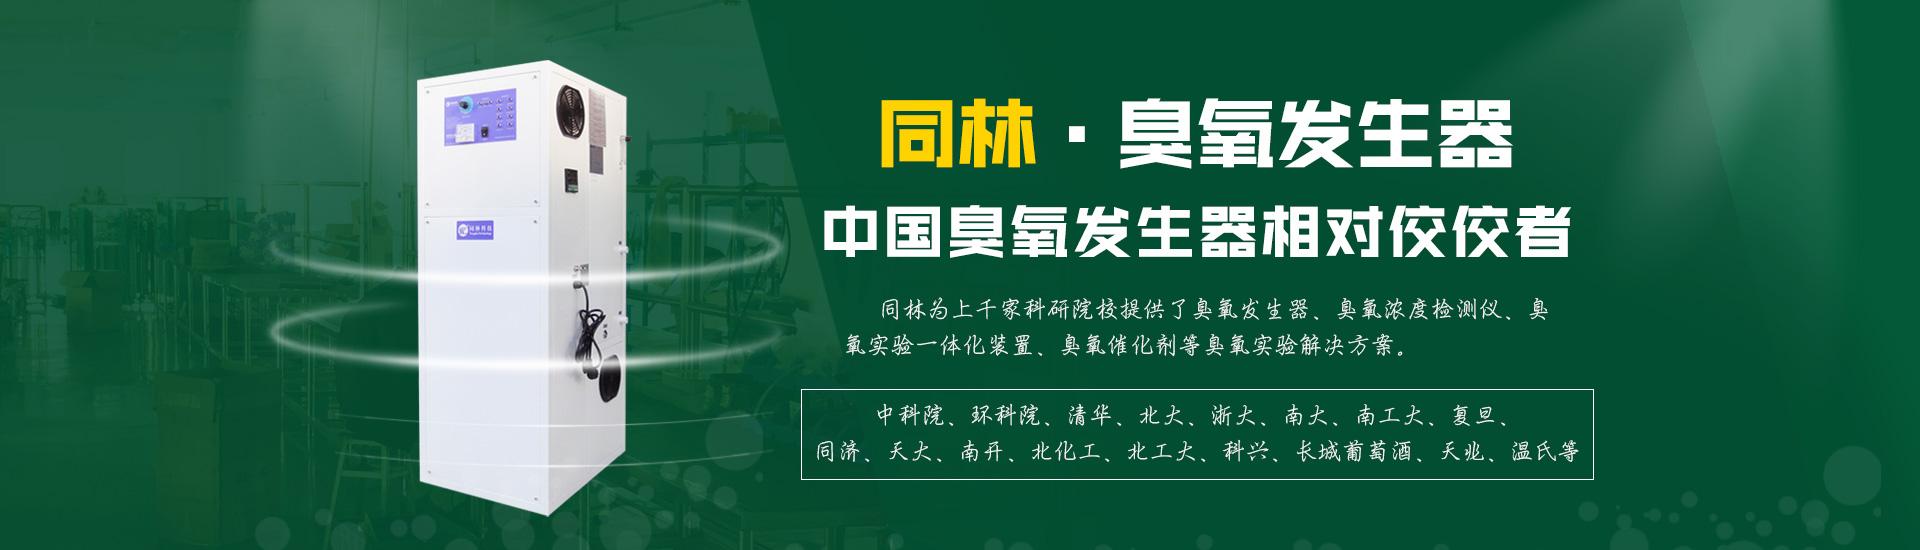 中国臭氧优秀品牌